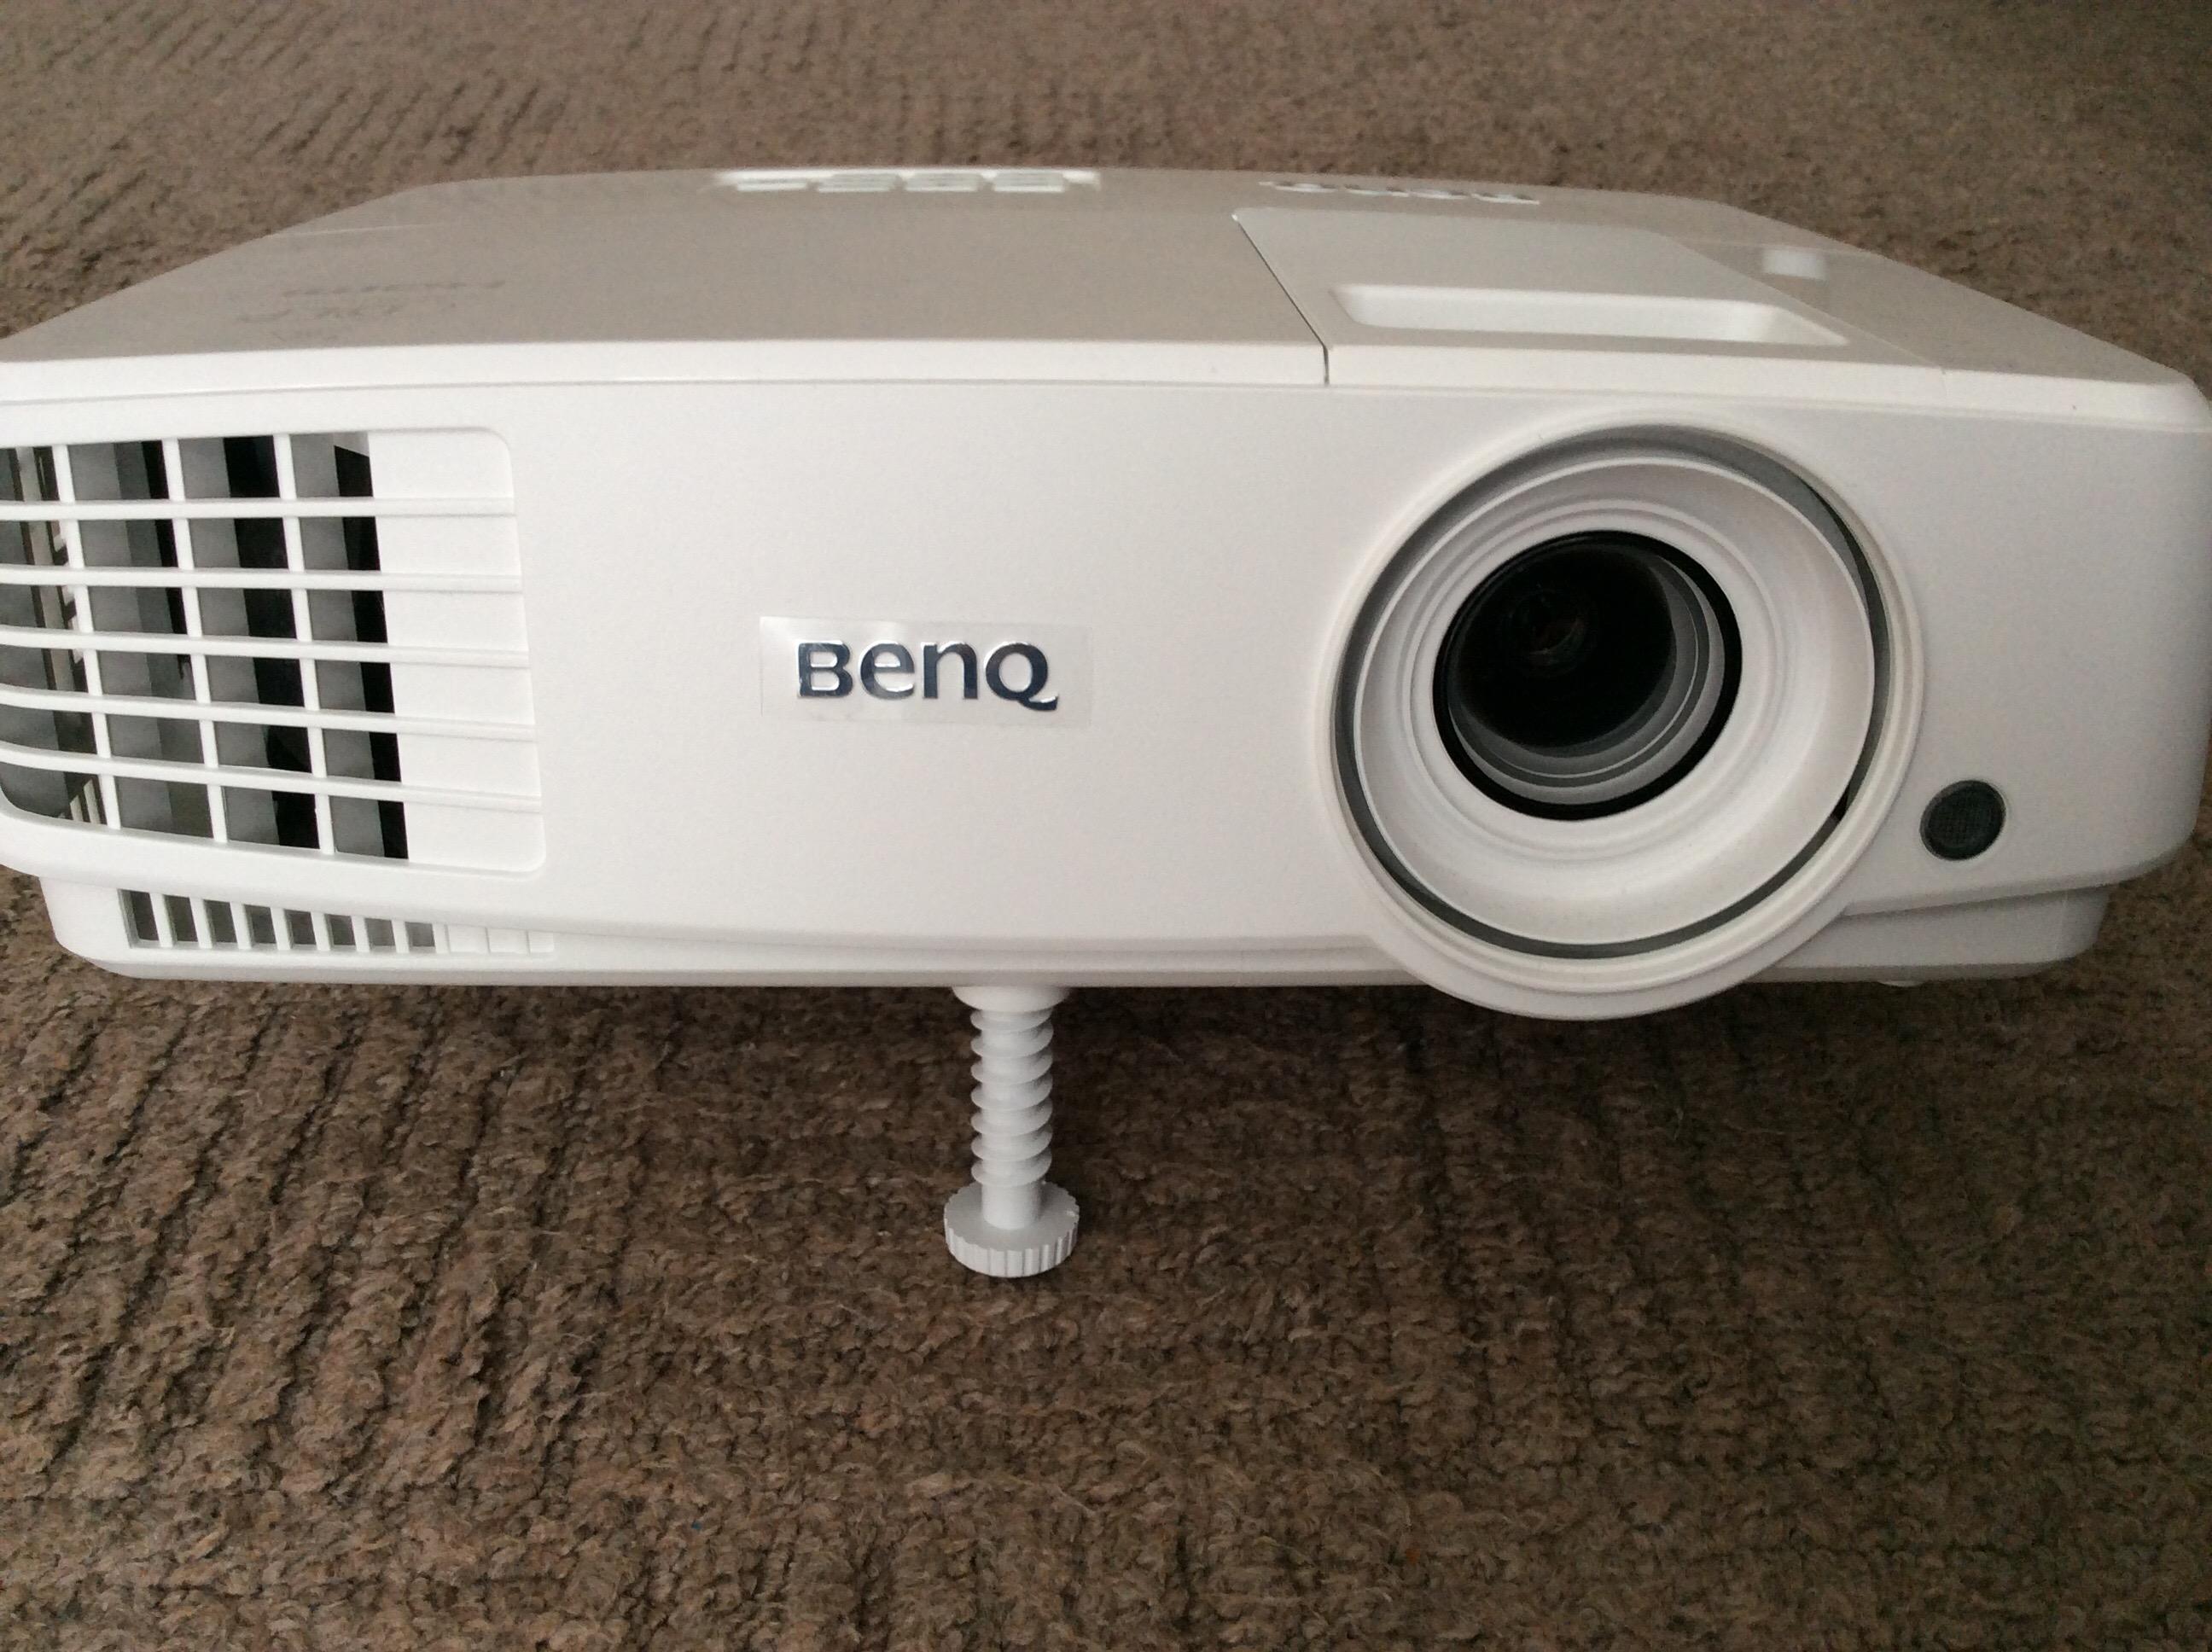 家用プロジェクターの選び方と低価格でおすすめの機種 BenQ TW529(MW533)の使用感想